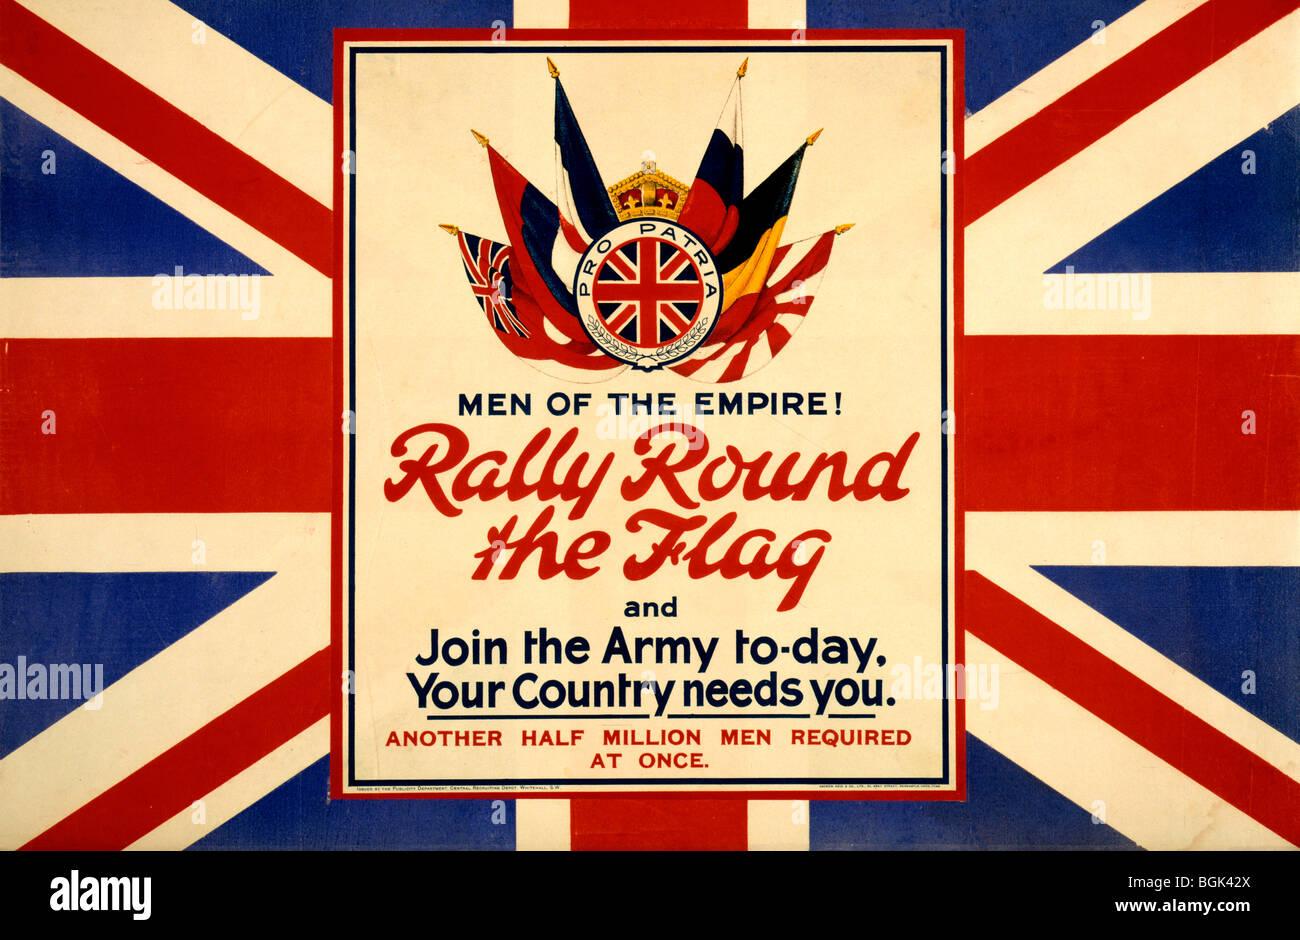 La prima guerra mondiale poster che mostra le bandiere degli alleati contro uno sfondo di bandiera britannica Immagini Stock